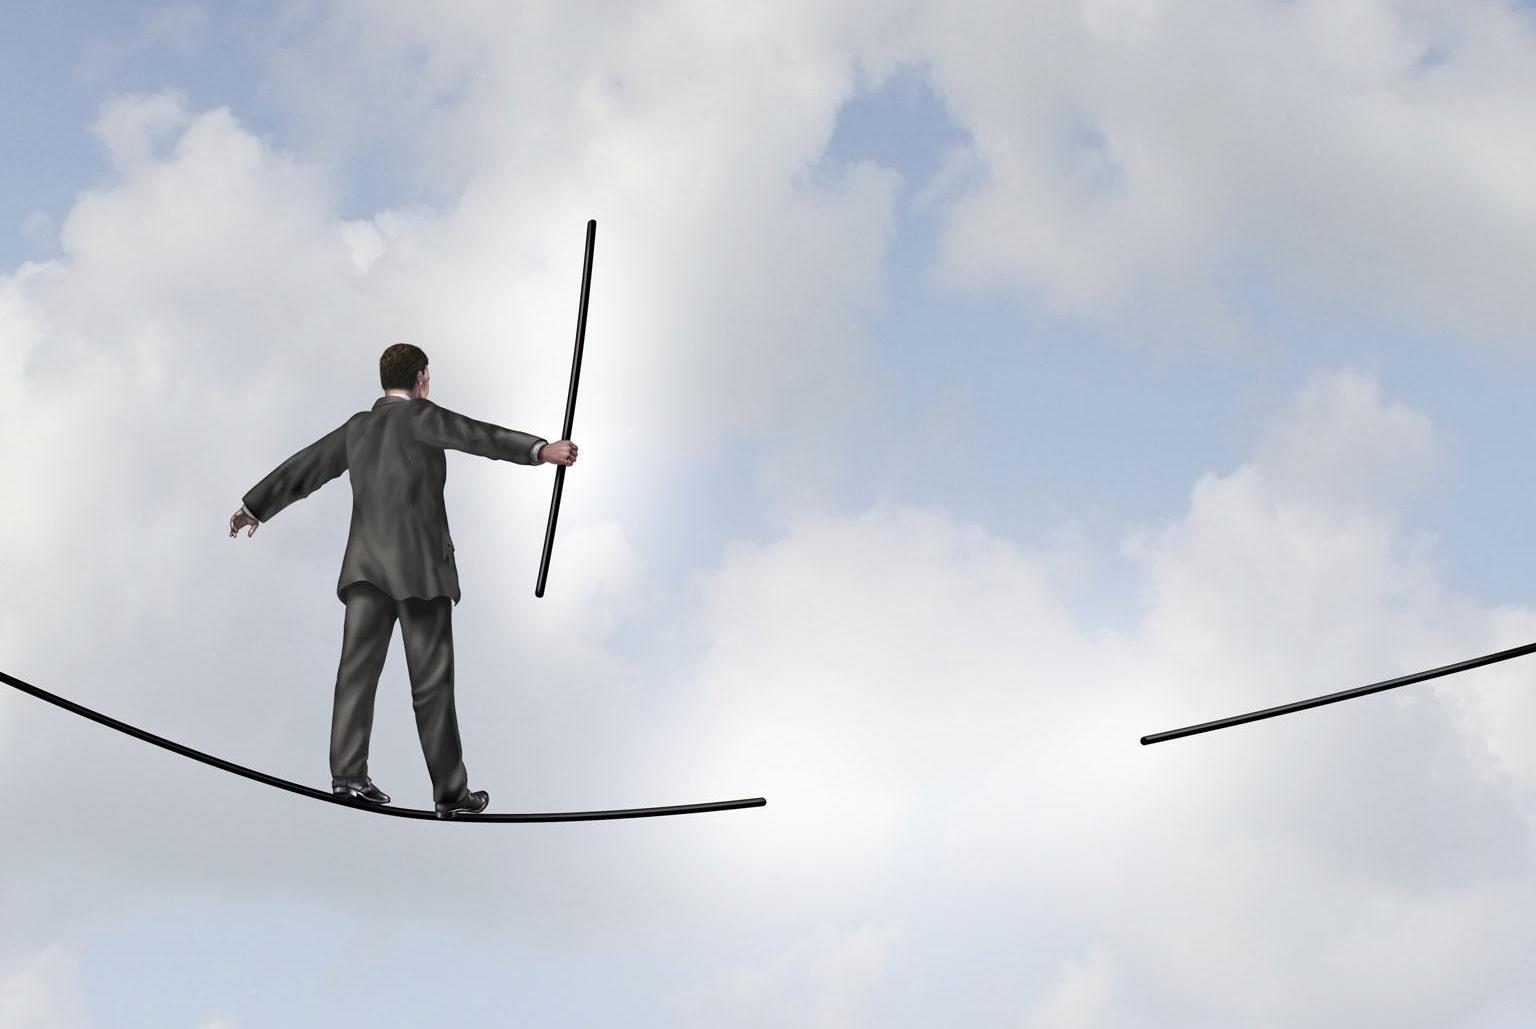 Indagine Franklin Templeton, investitori professionali italiani più propensi al rischio rispetto alla media europea